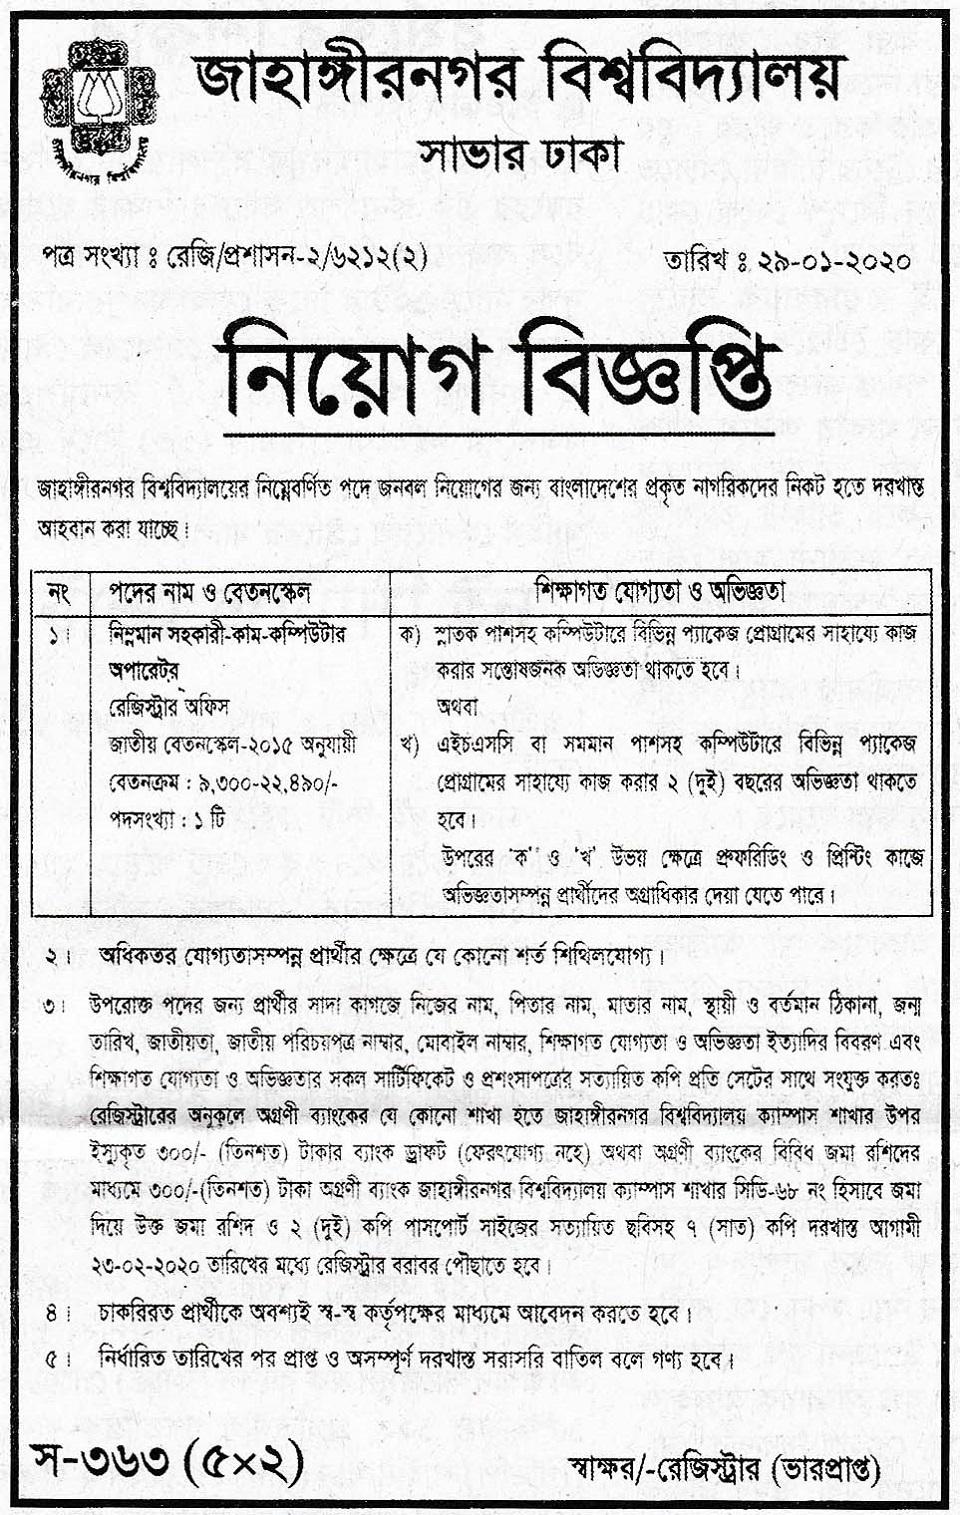 Jahangirnagar University (JU) Job Circular 2020